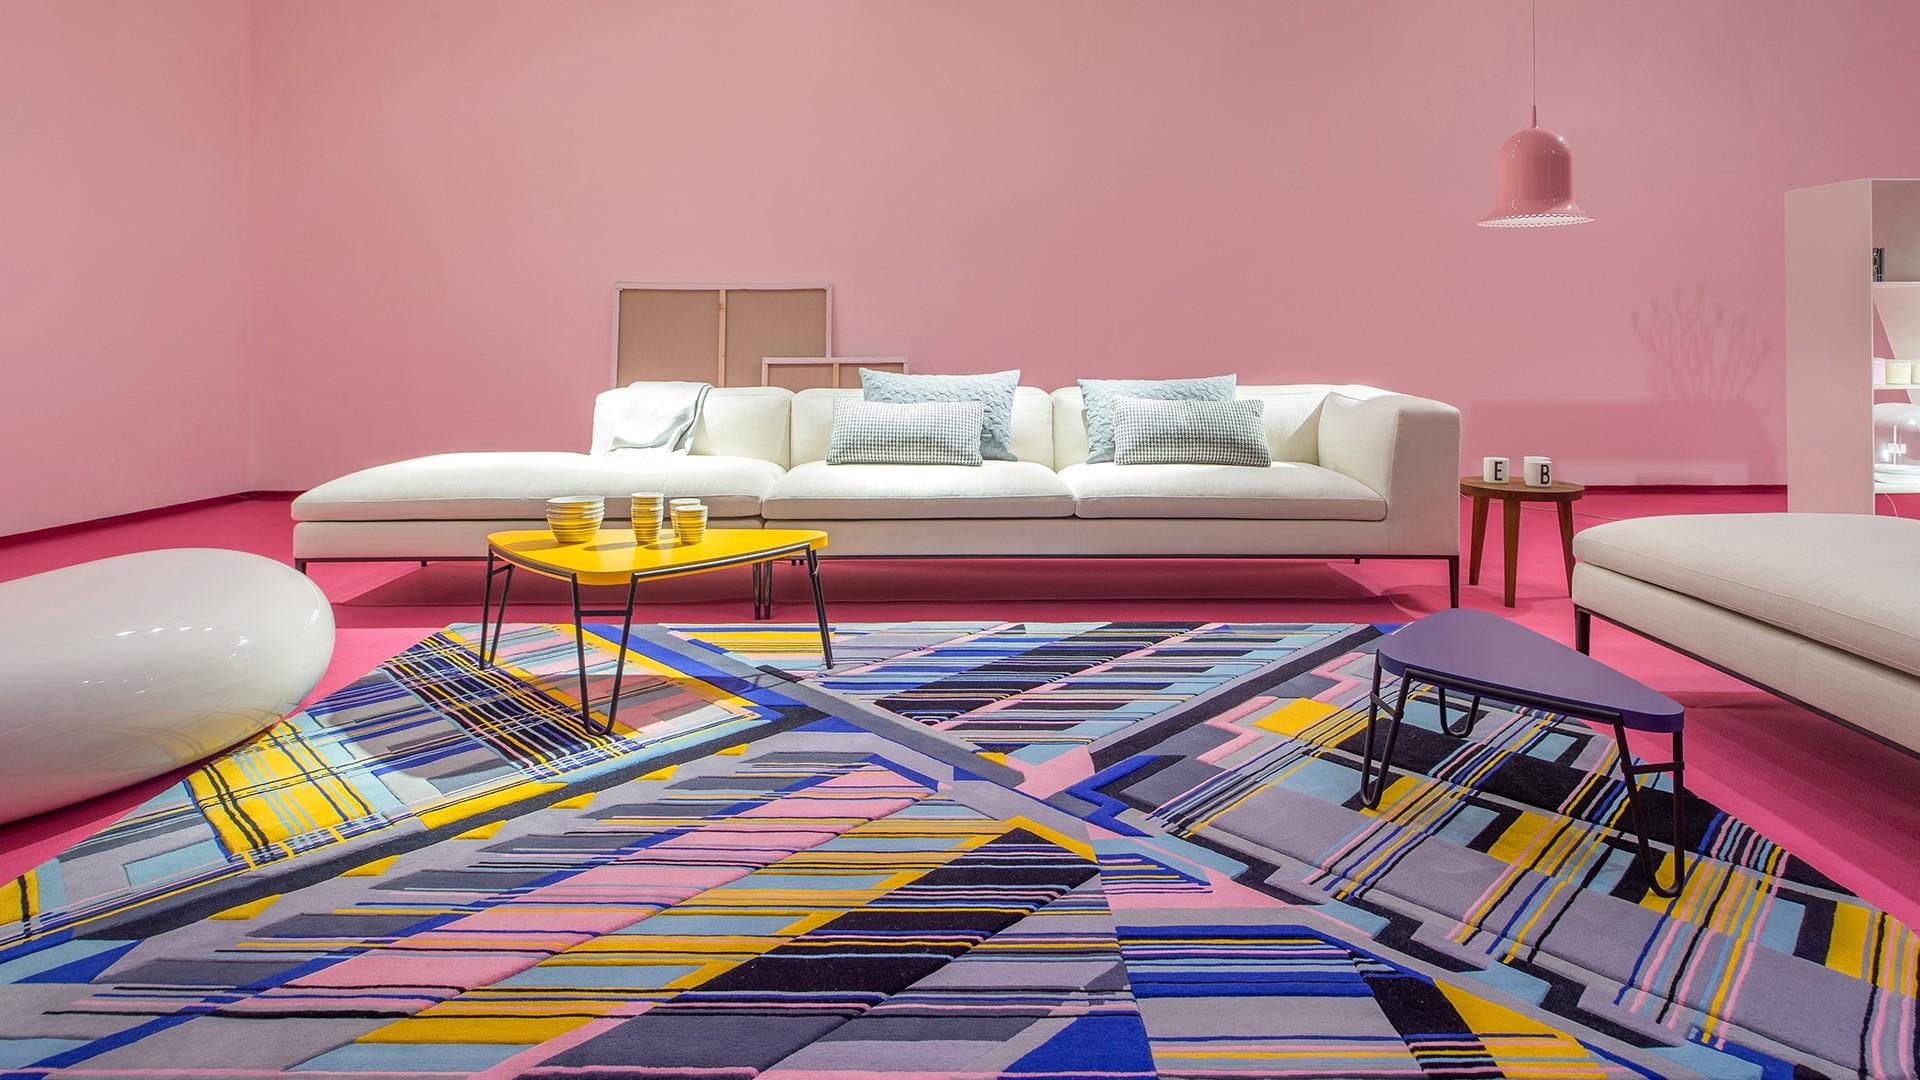 Urban Fabric rugs Elena Manferdini in interior arrangement